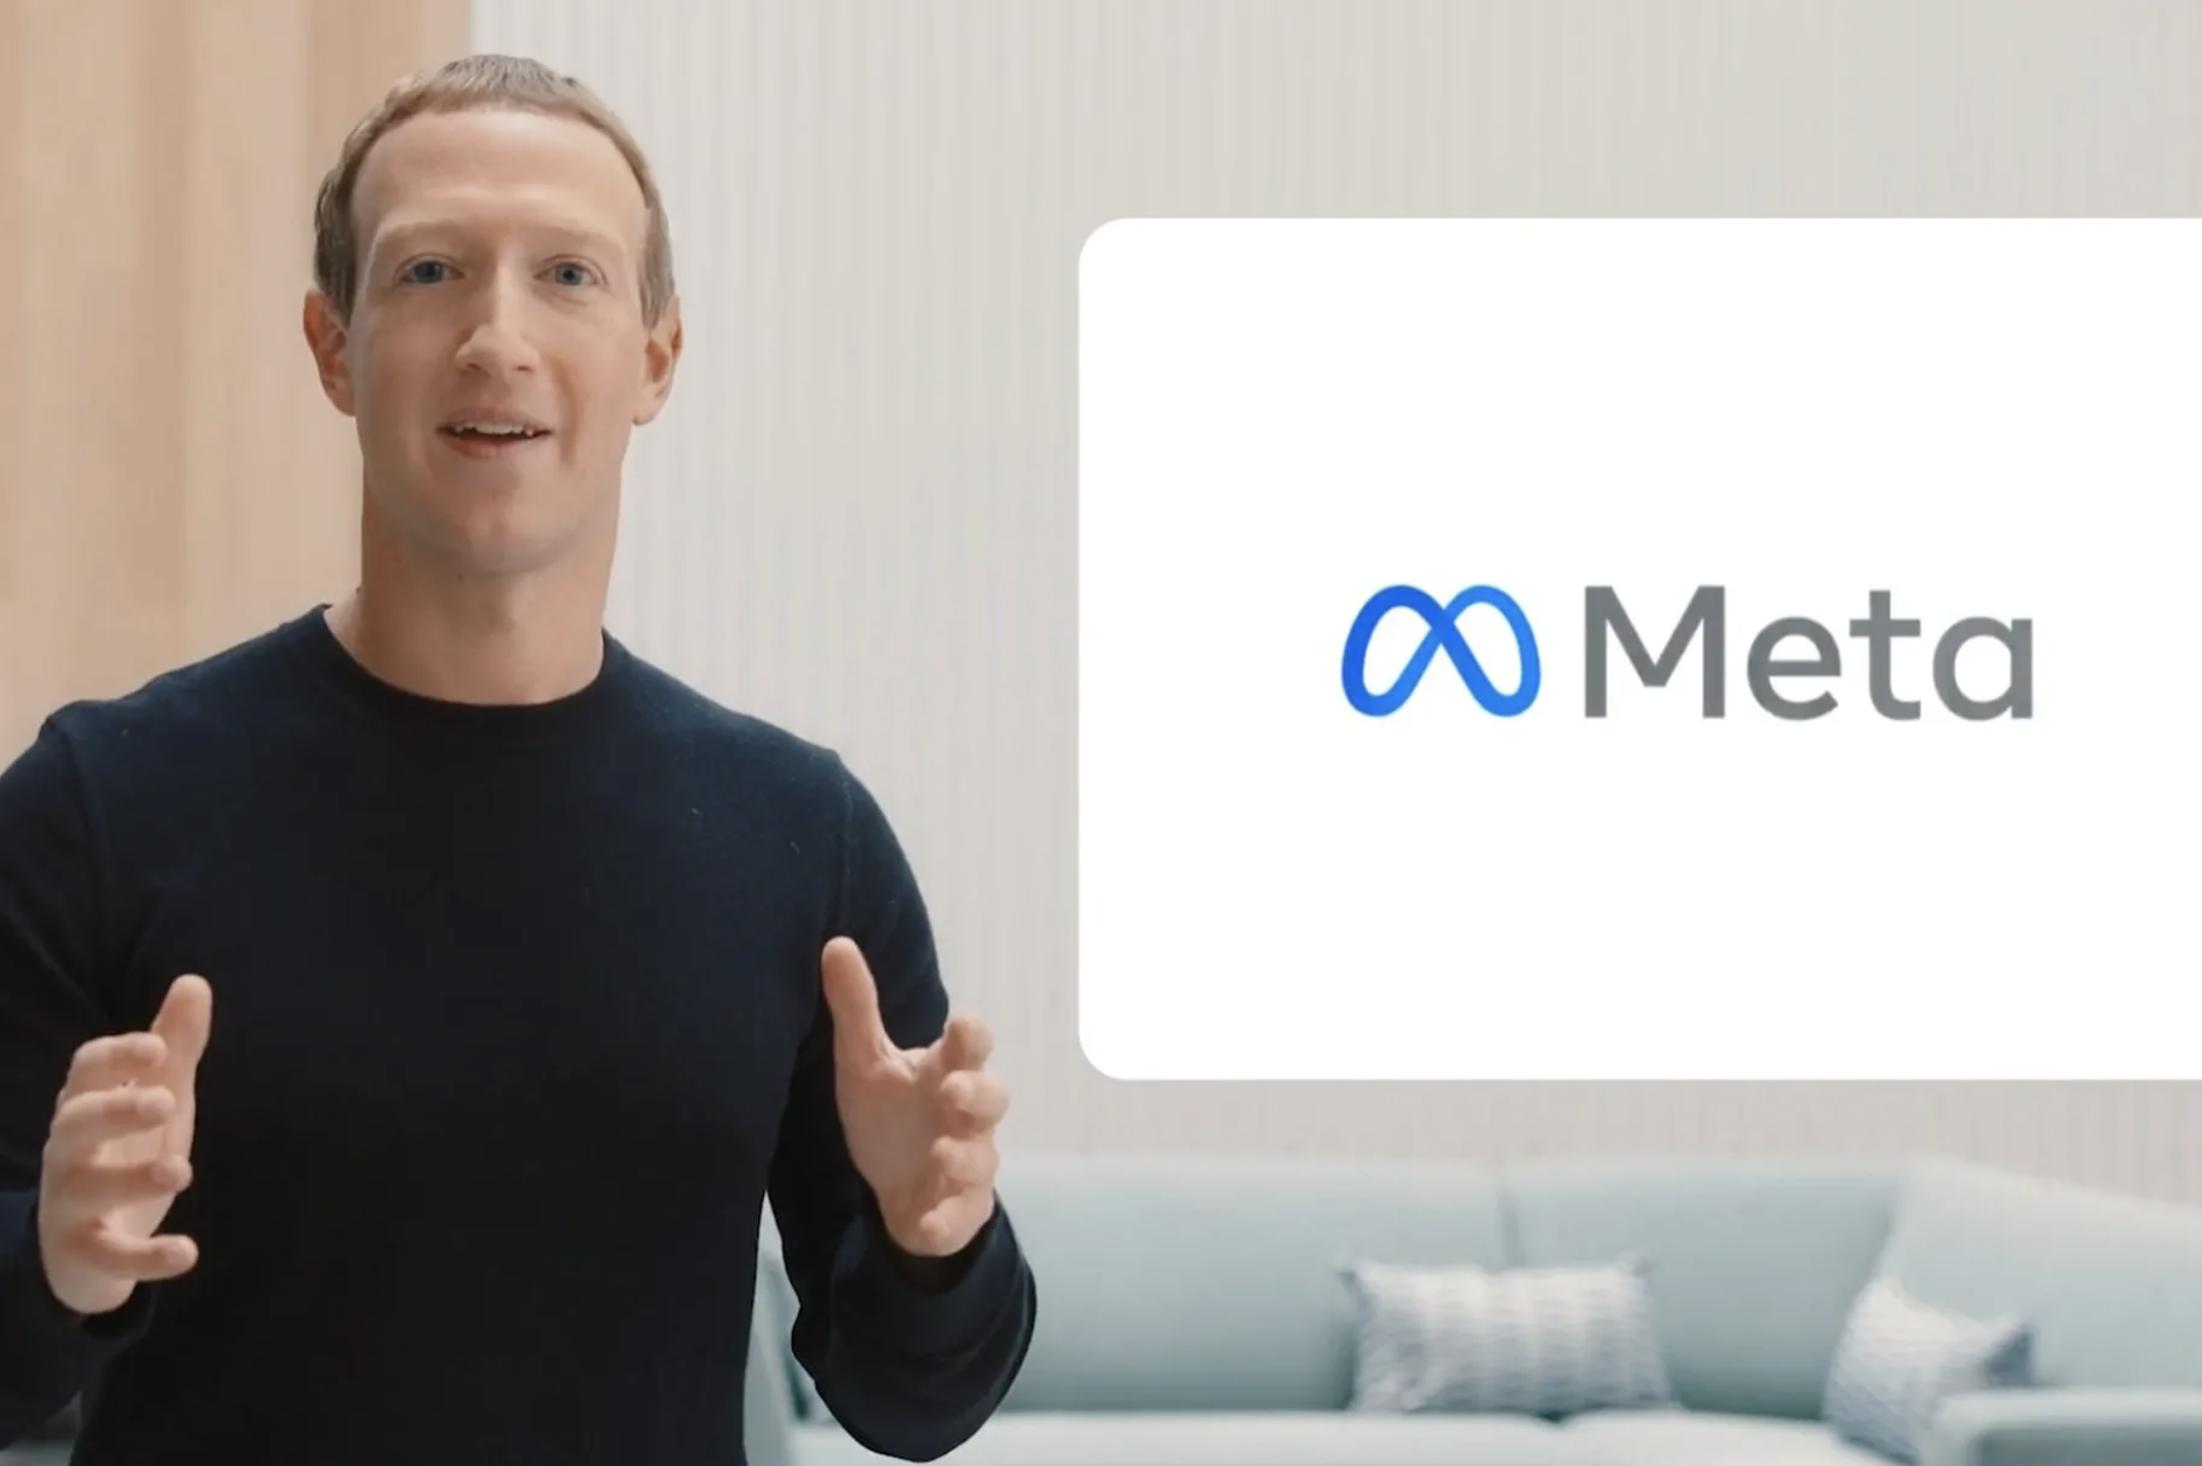 Facebook cambia nome in Meta: cosa succede e perché riguarda tutti